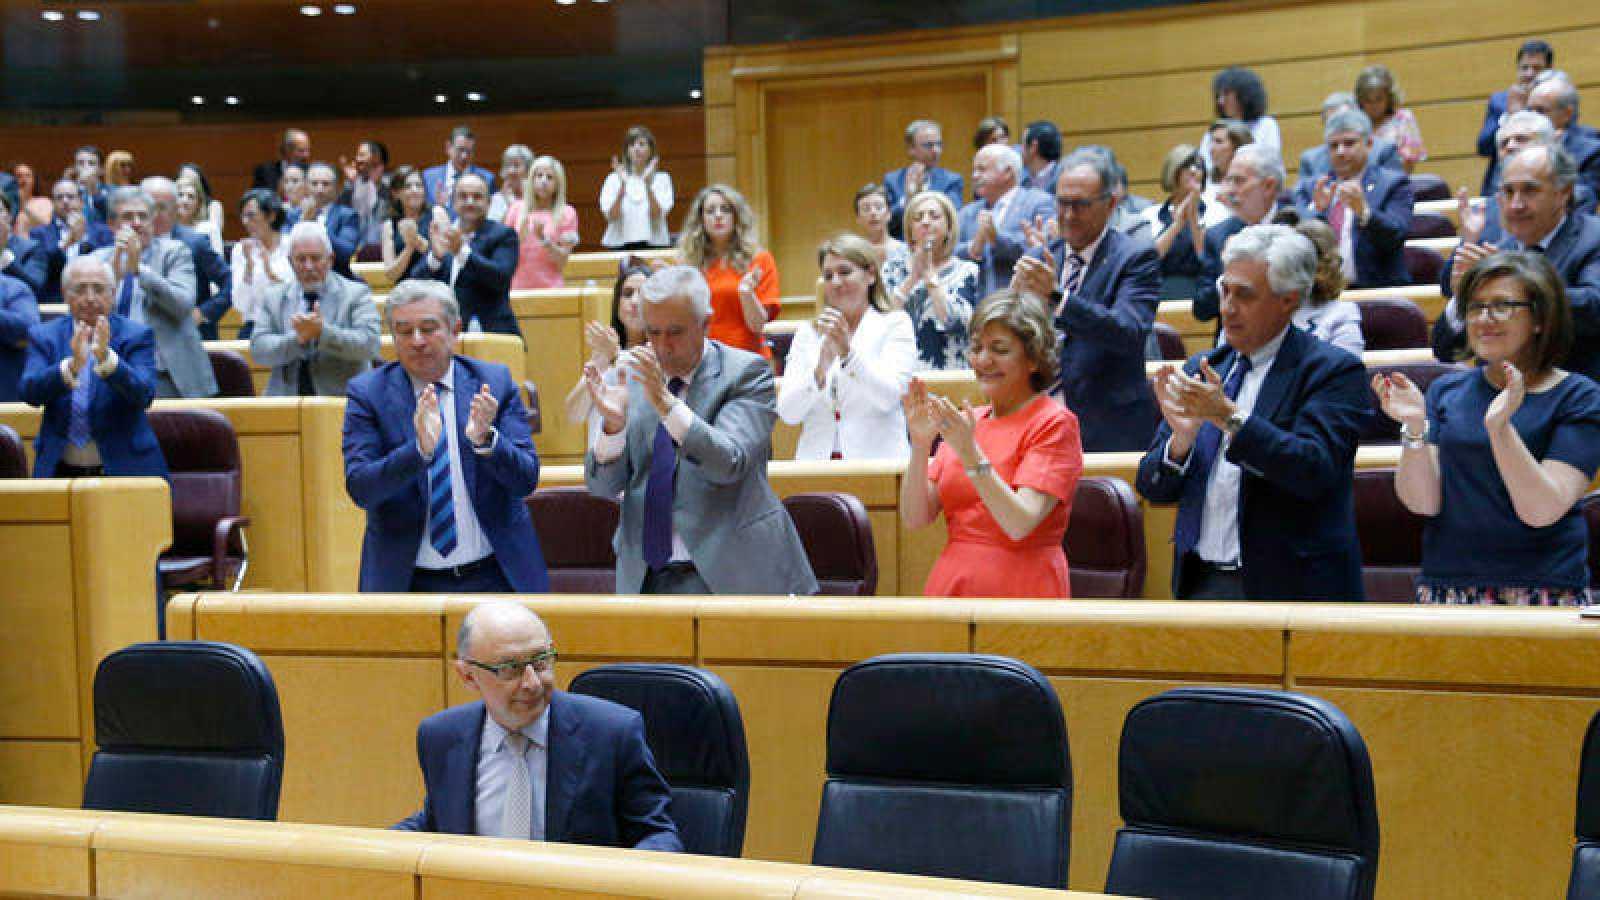 El ministro de Hacienda, Cristóbal Montoro, recibe el aplaso de los senadores de su grupo en una imagen de archivo